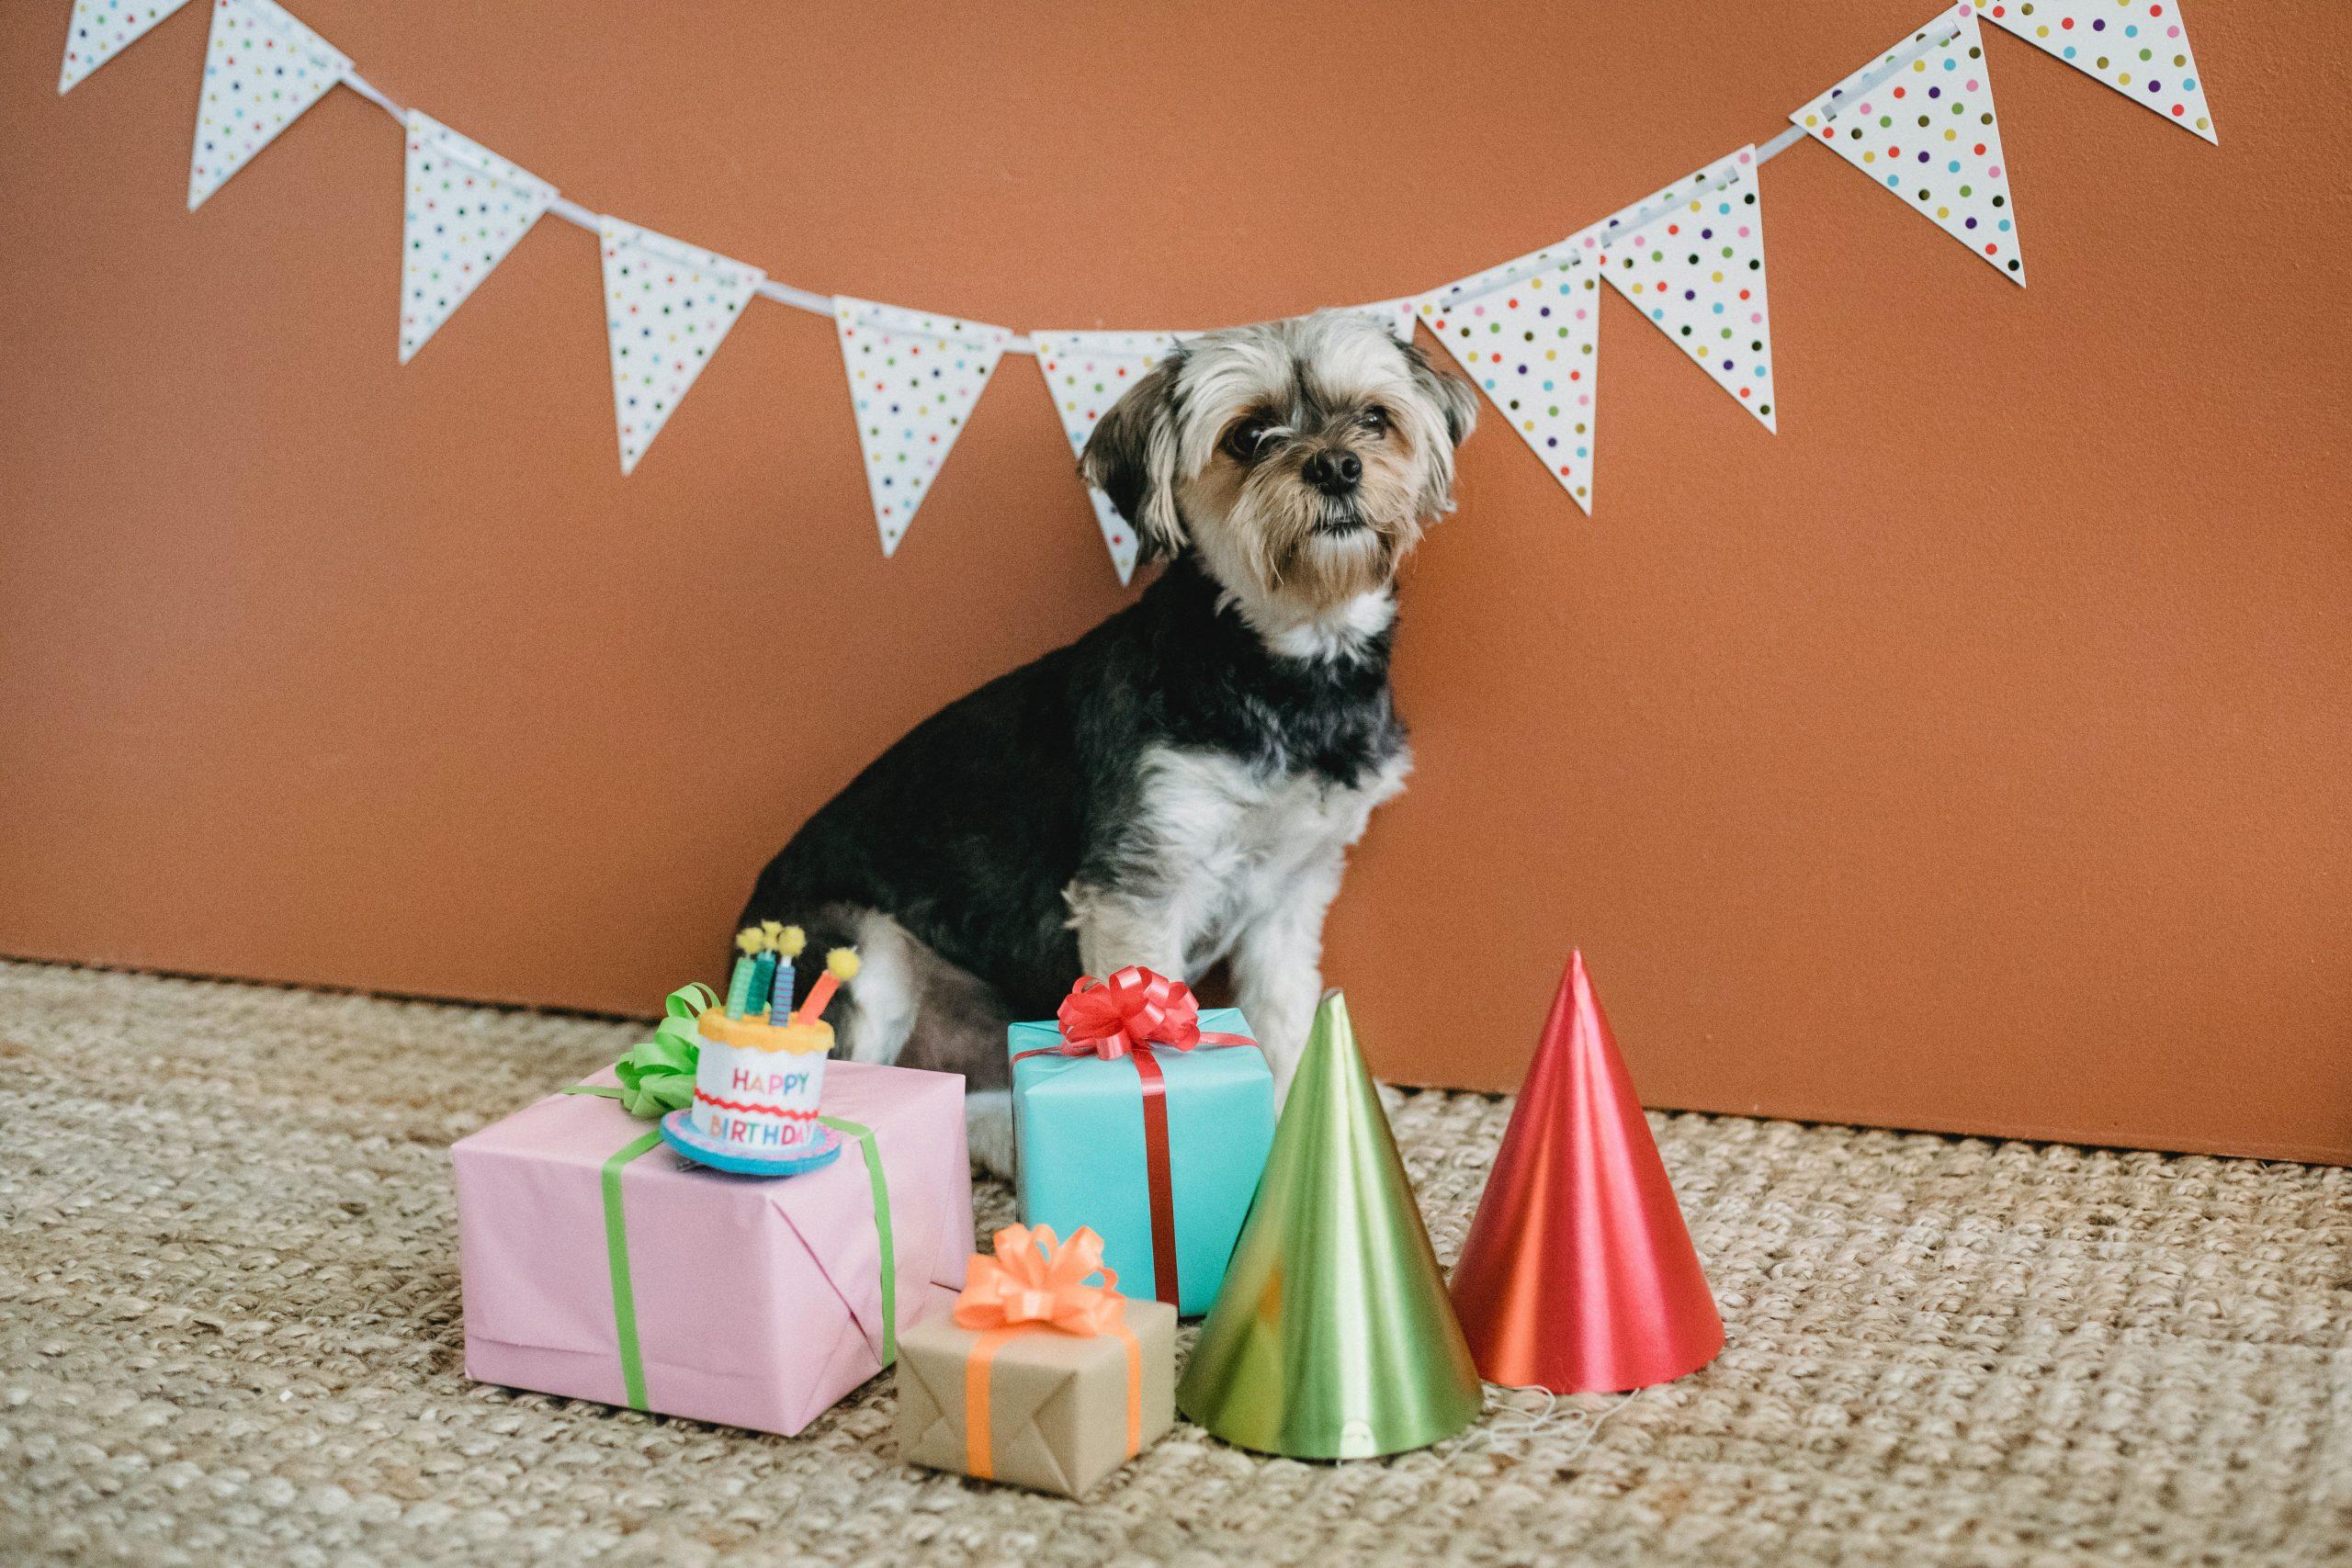 Megünneplem a kutyám szülinapját, és nyugodtan nézz hülyének érte!